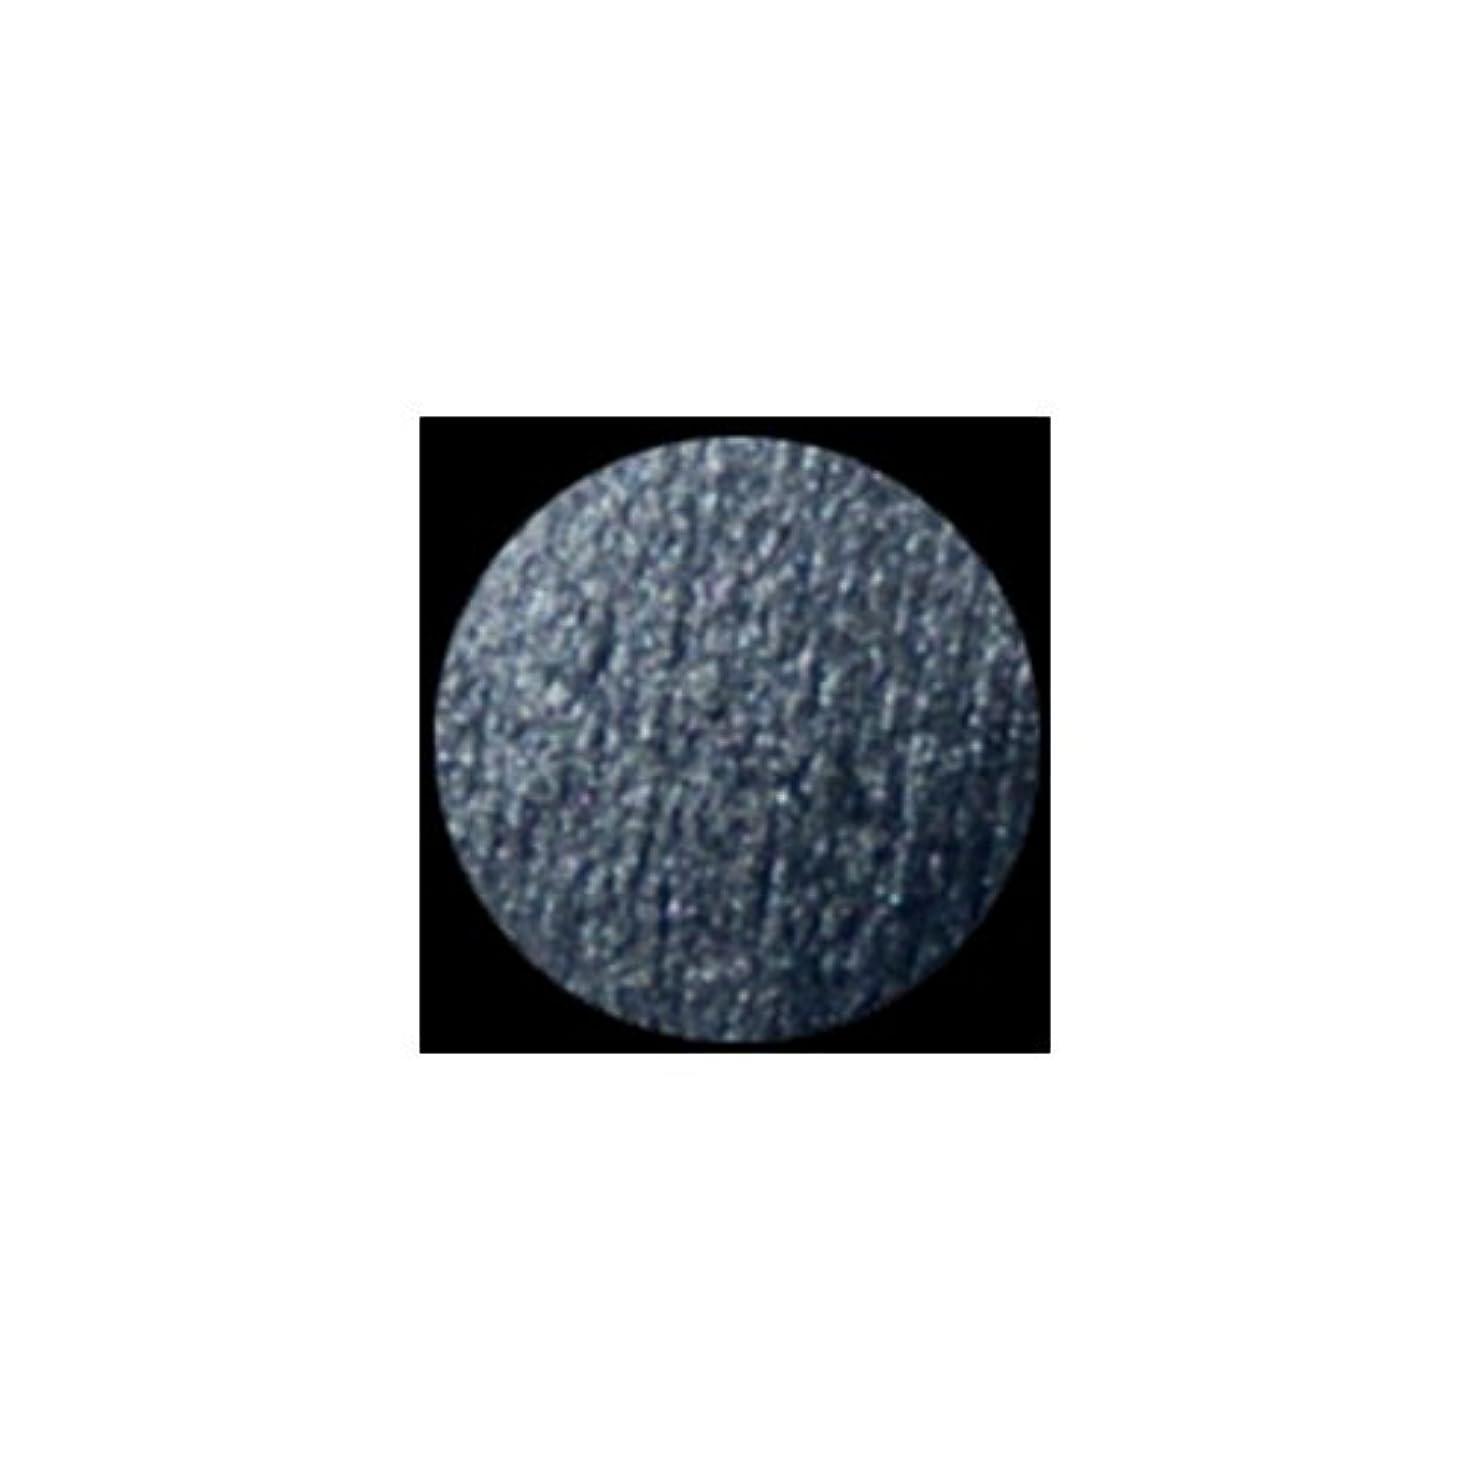 間に合わせ多年生頻繁に(6 Pack) KLEANCOLOR American Eyedol (Wet/Dry Baked Eyeshadow) - Onyx (並行輸入品)